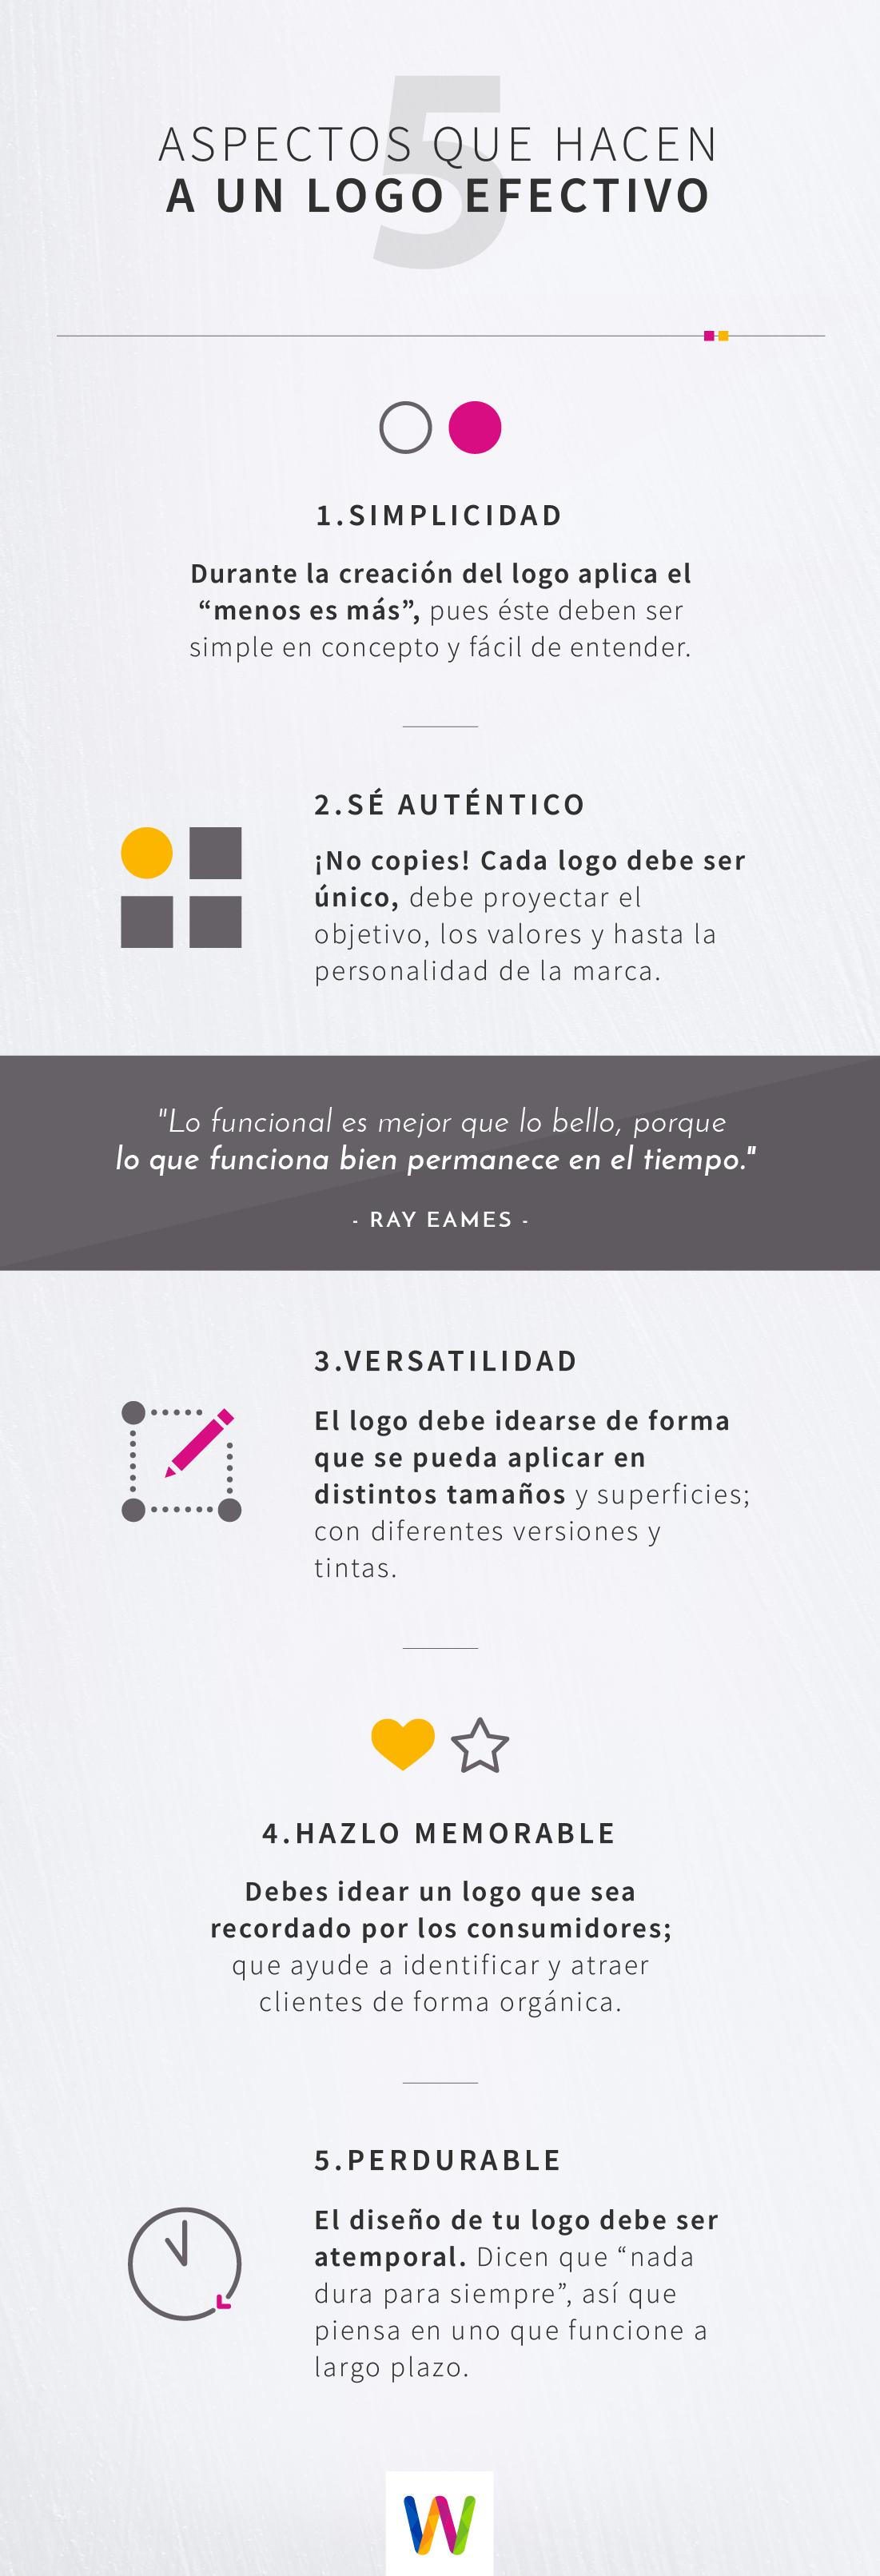 5 aspectos para un logo efectivo-Articulo Abril